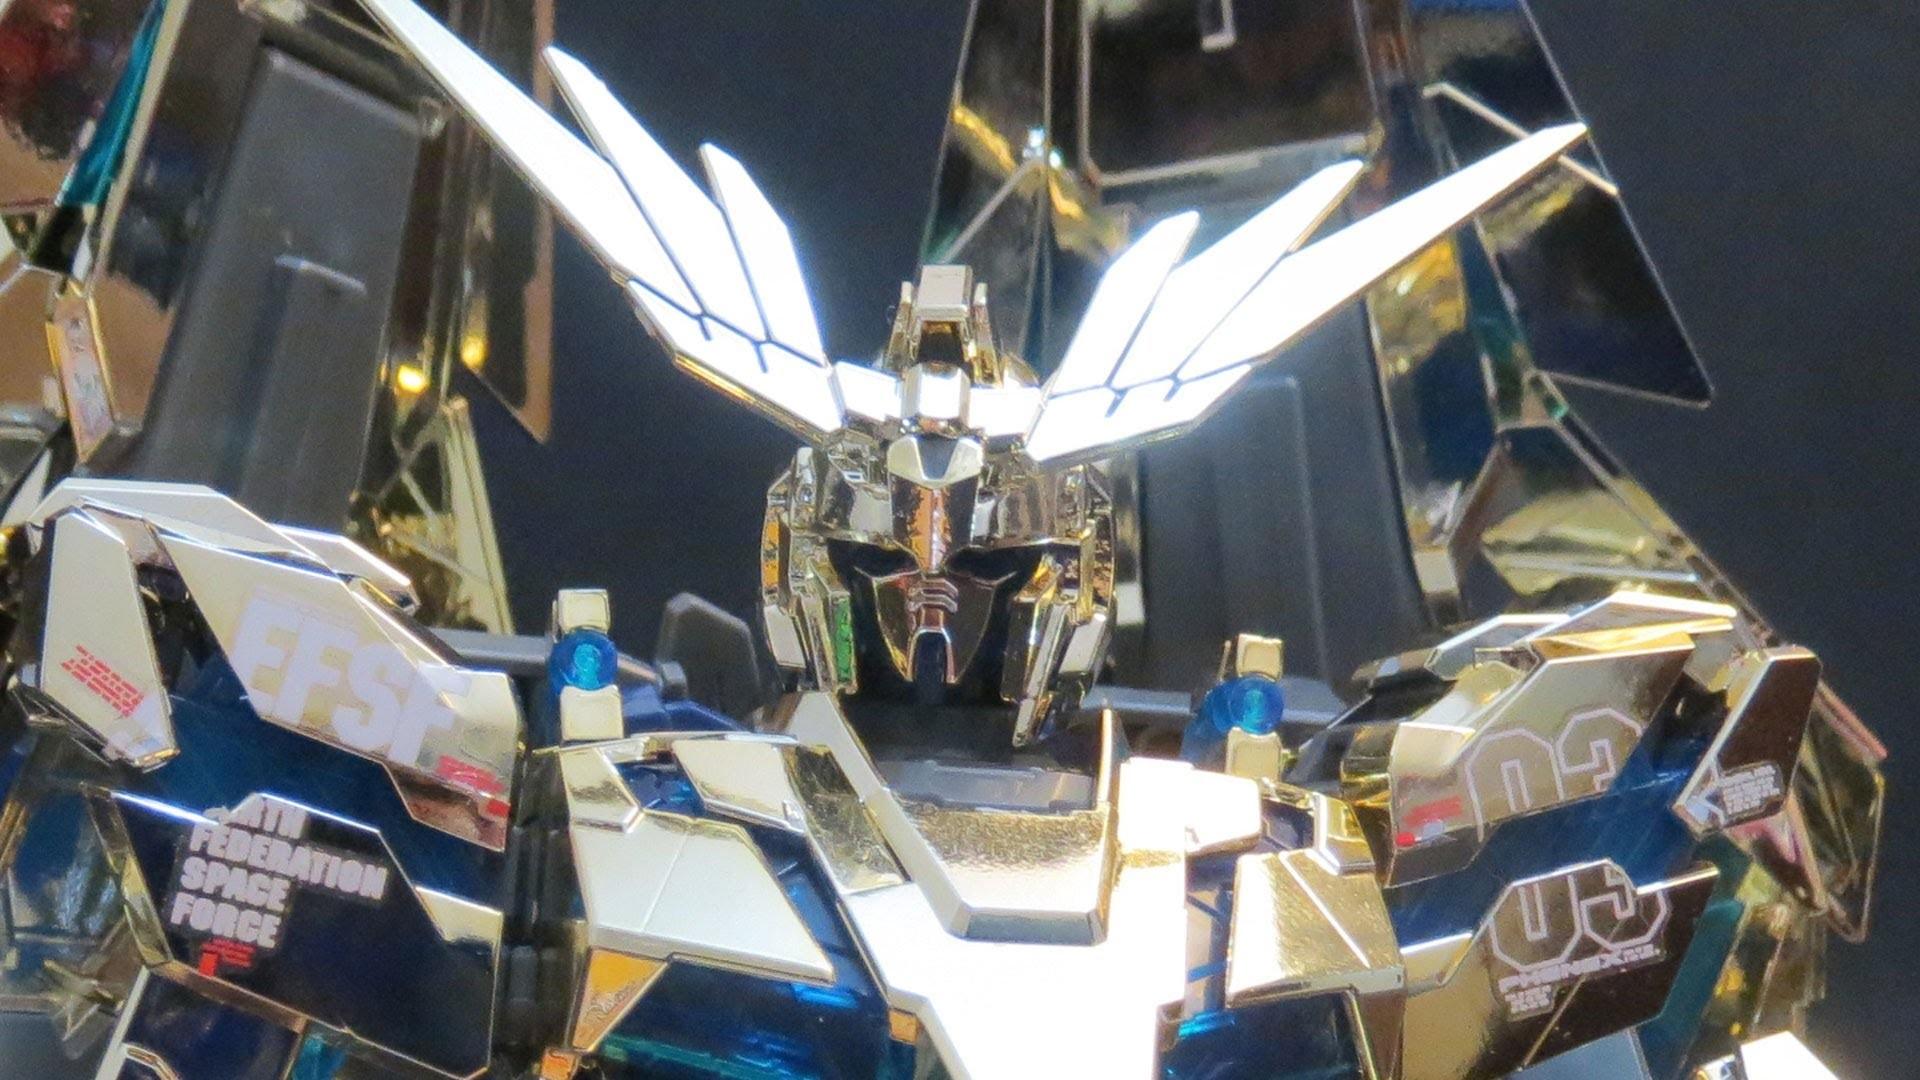 MG Phenex (1: Unbox) Gundam UC Unicorn 03 from One of Seventy-Two Gold  gunpla model review ガンプラ – YouTube